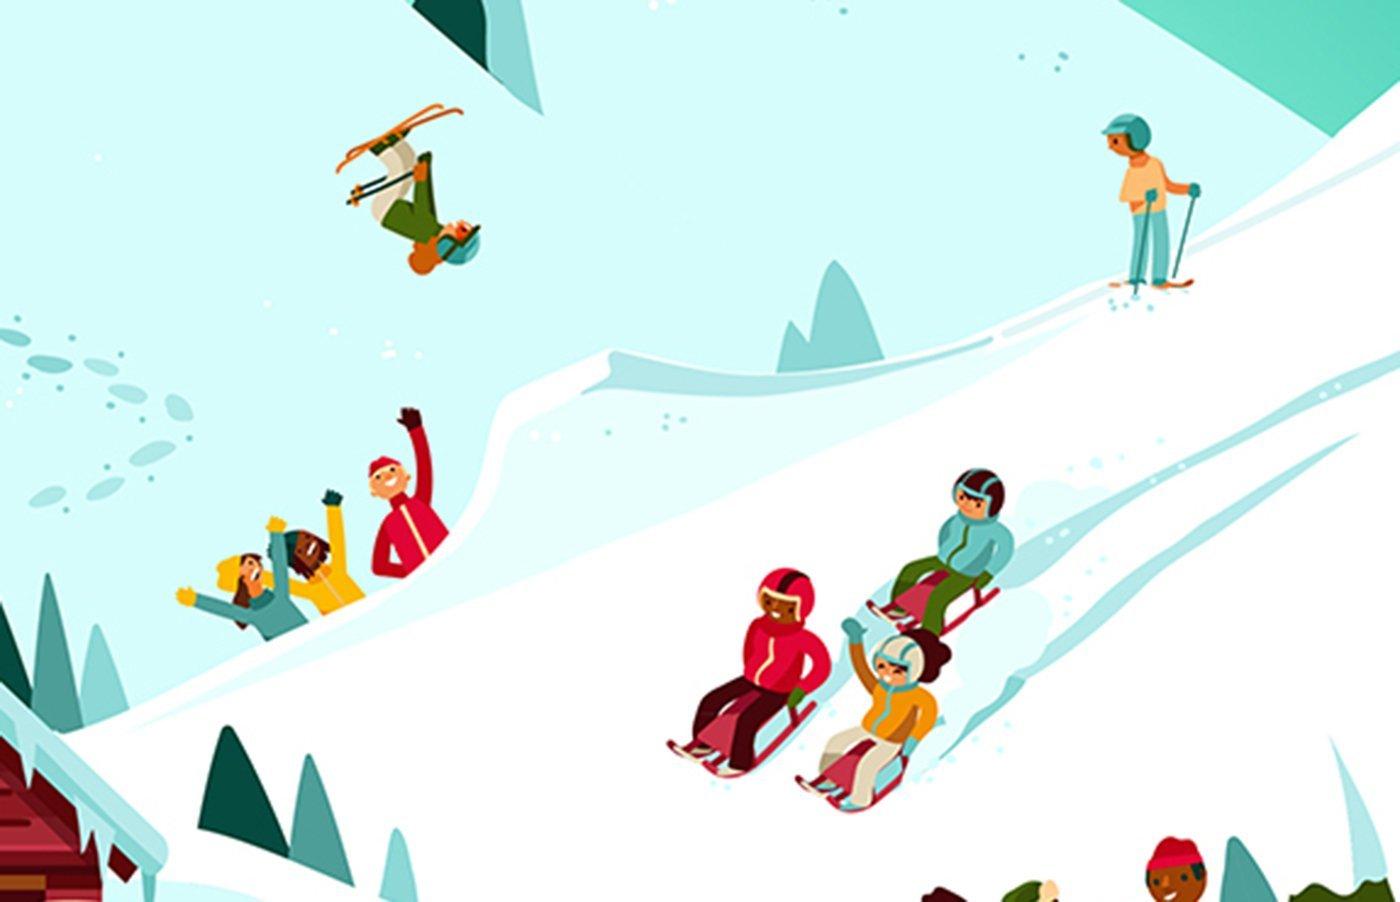 Comic: Verschiedene Aktiviäten auf dem Schnee.